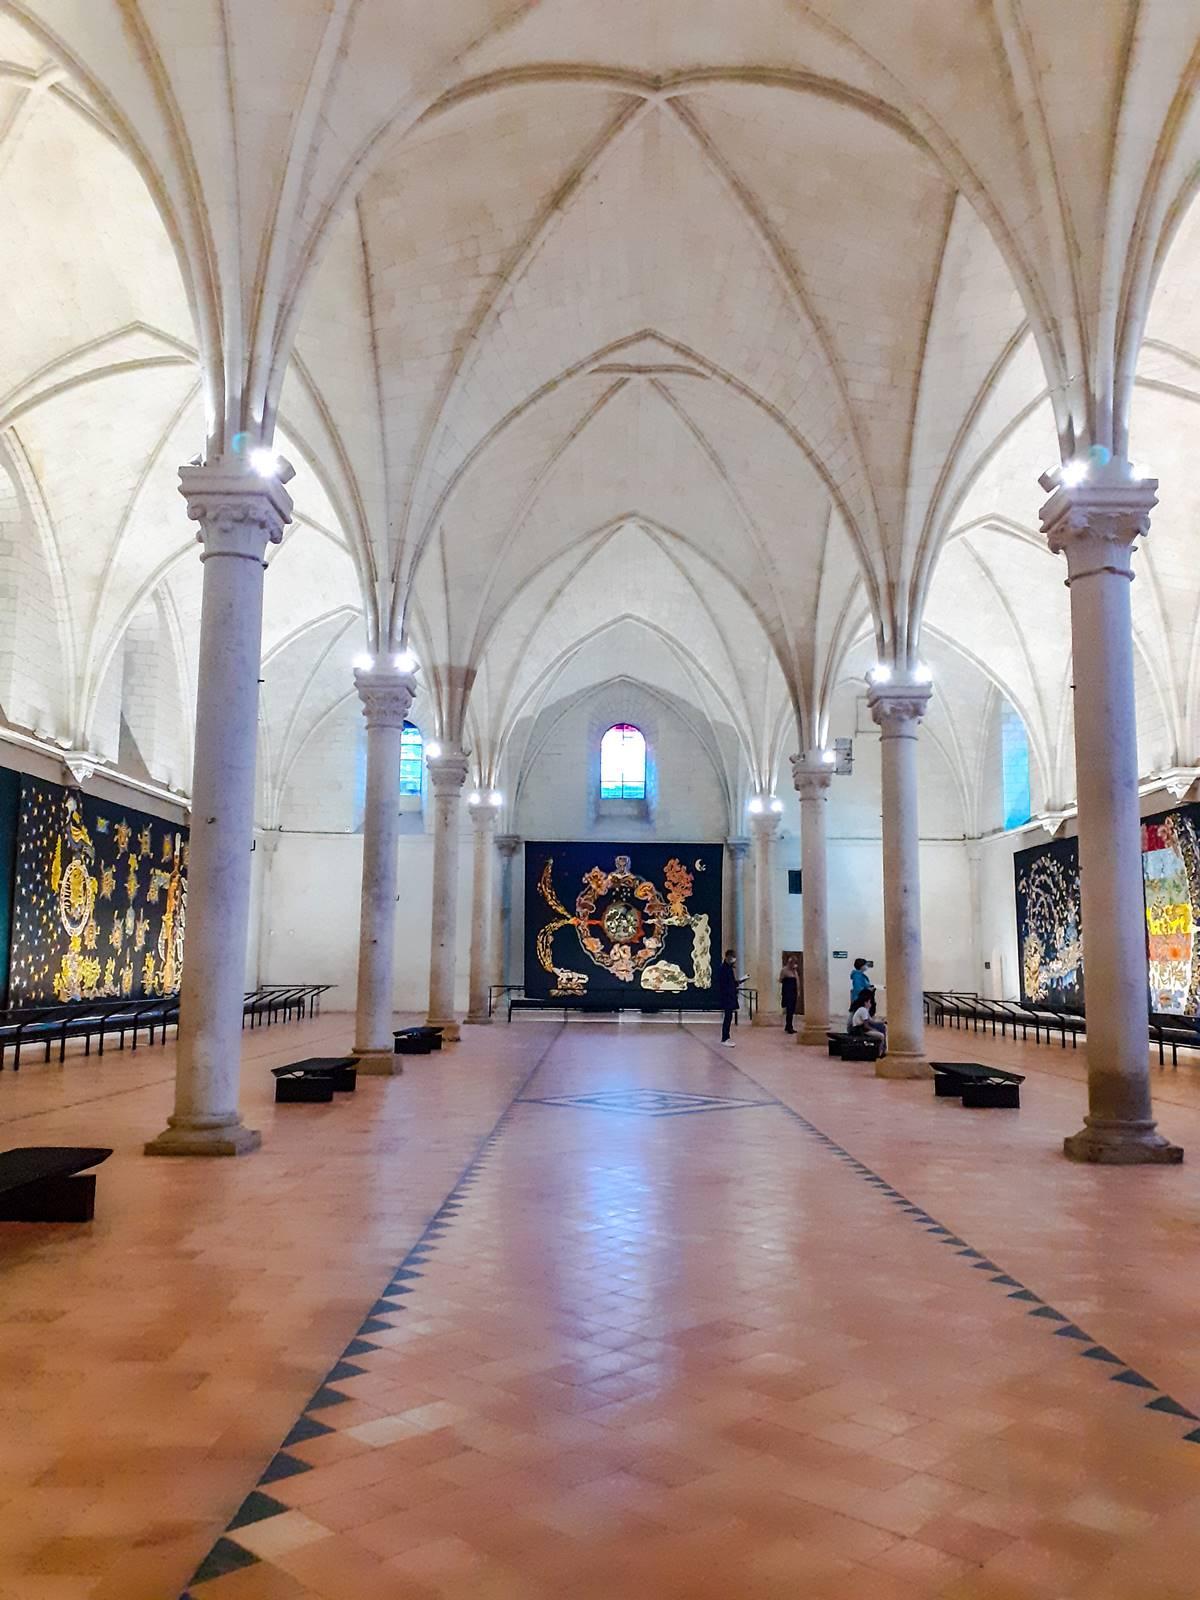 On a visite le musee jean lurcat et de la tapisserie contemporainepsx 20210627 133605